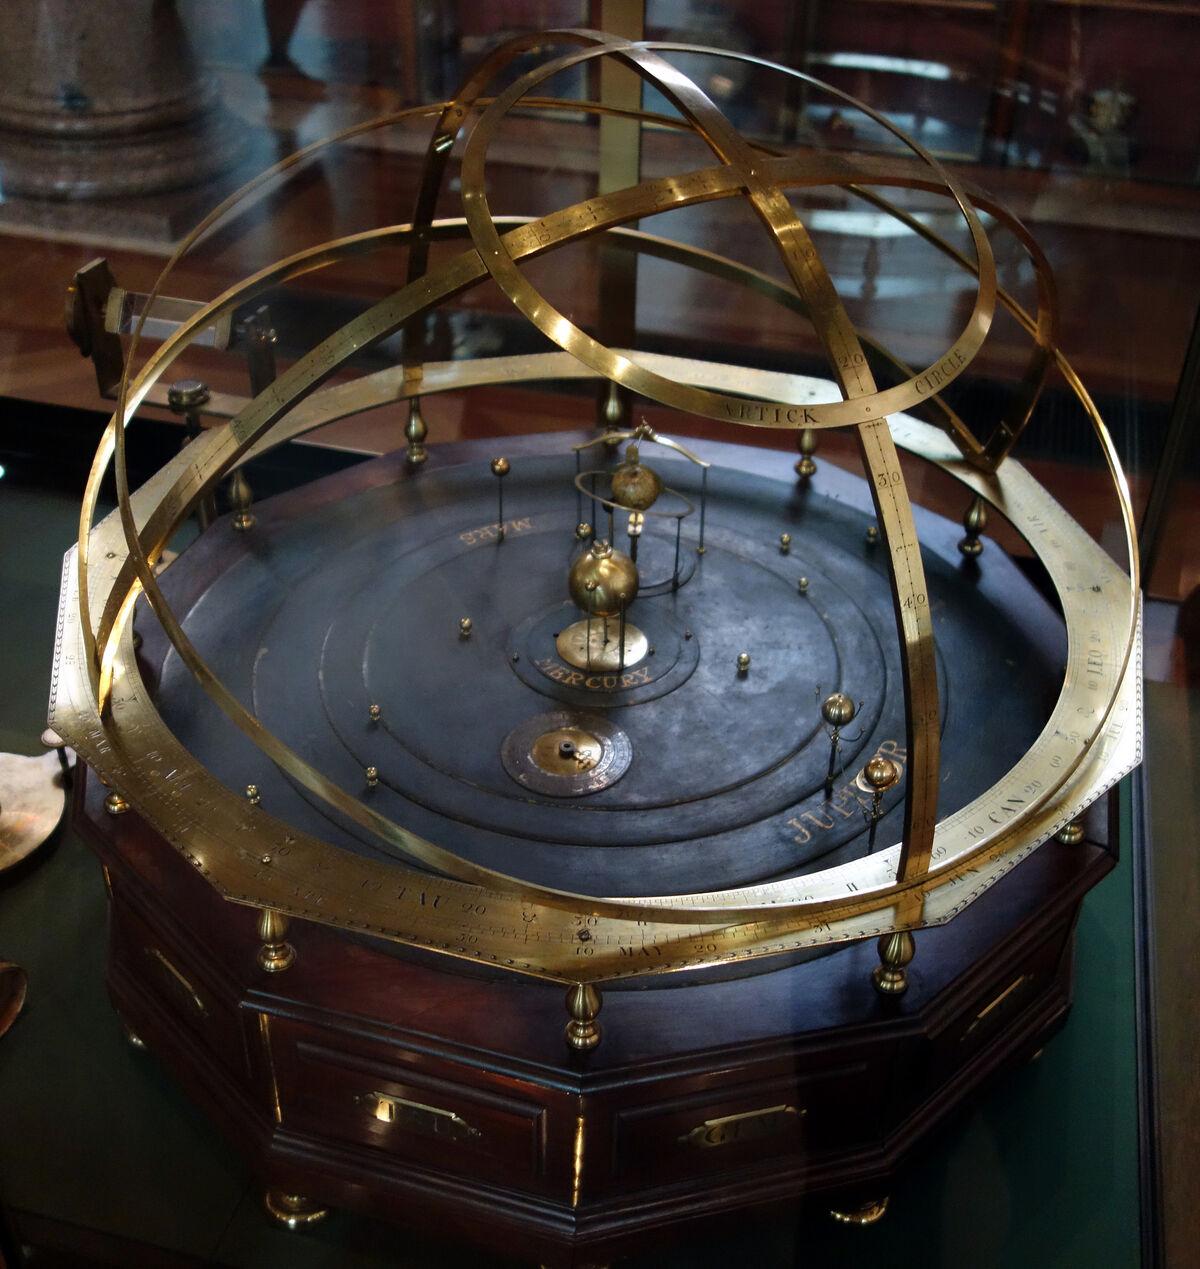 Orrery, c. 1750. Science Museum, London. Photo by Steven Zucker, via Flickr.